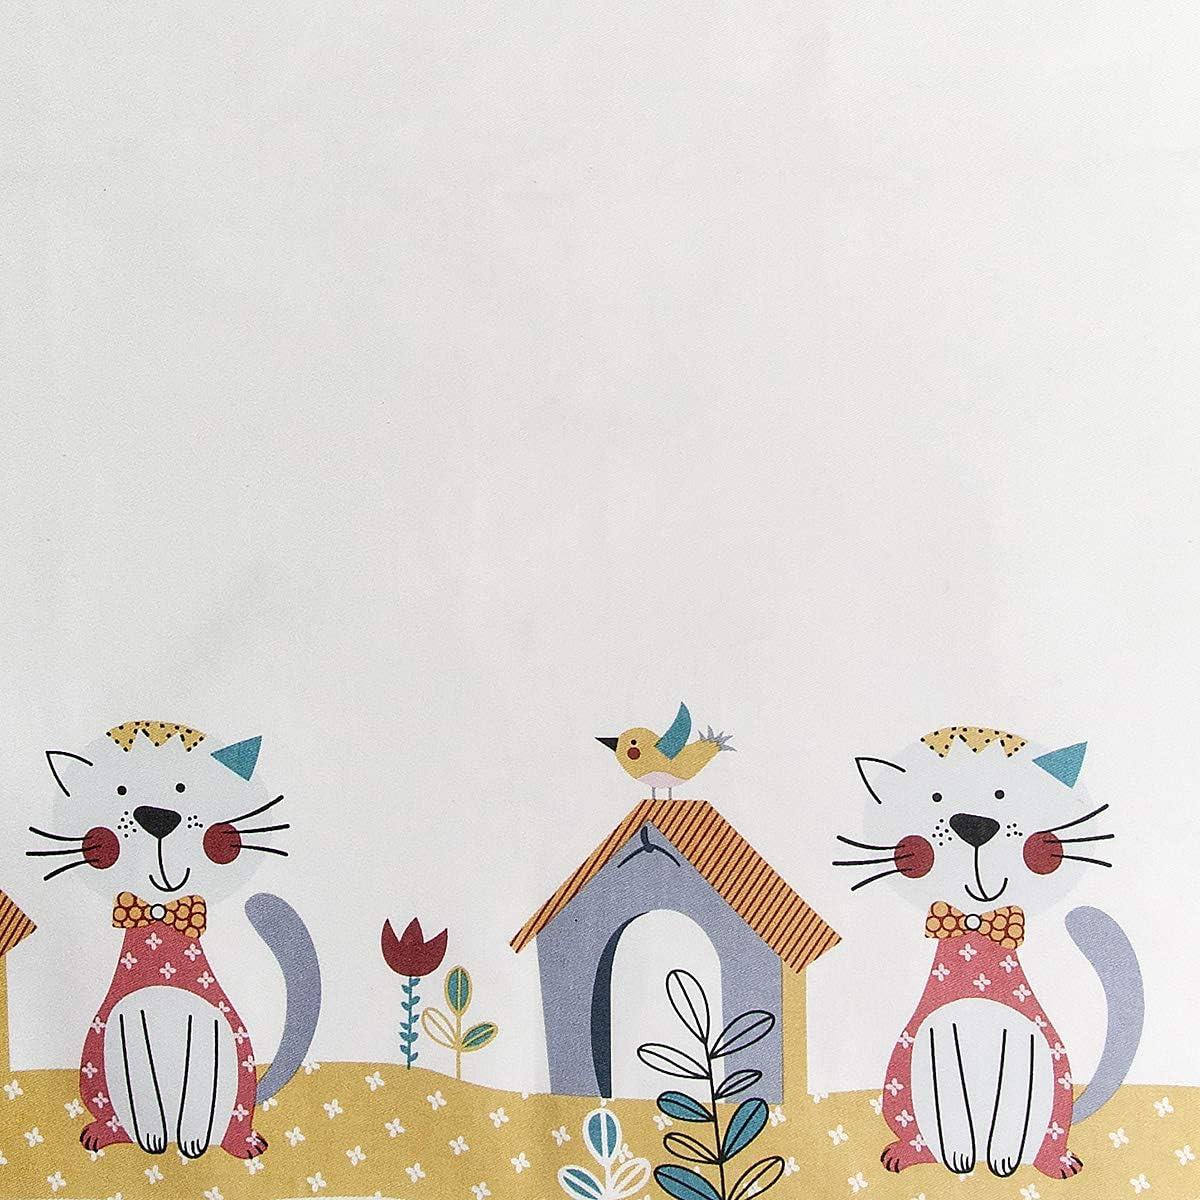 Cadeau Cuisine Cuisini/ère Femme et Amateur des Chats SPOTTED DOG GIFT COMPANY Ensemble 3 Motif Chat Mignons Torchons de Cuisine Tablier et Maniques Cuisine Gant